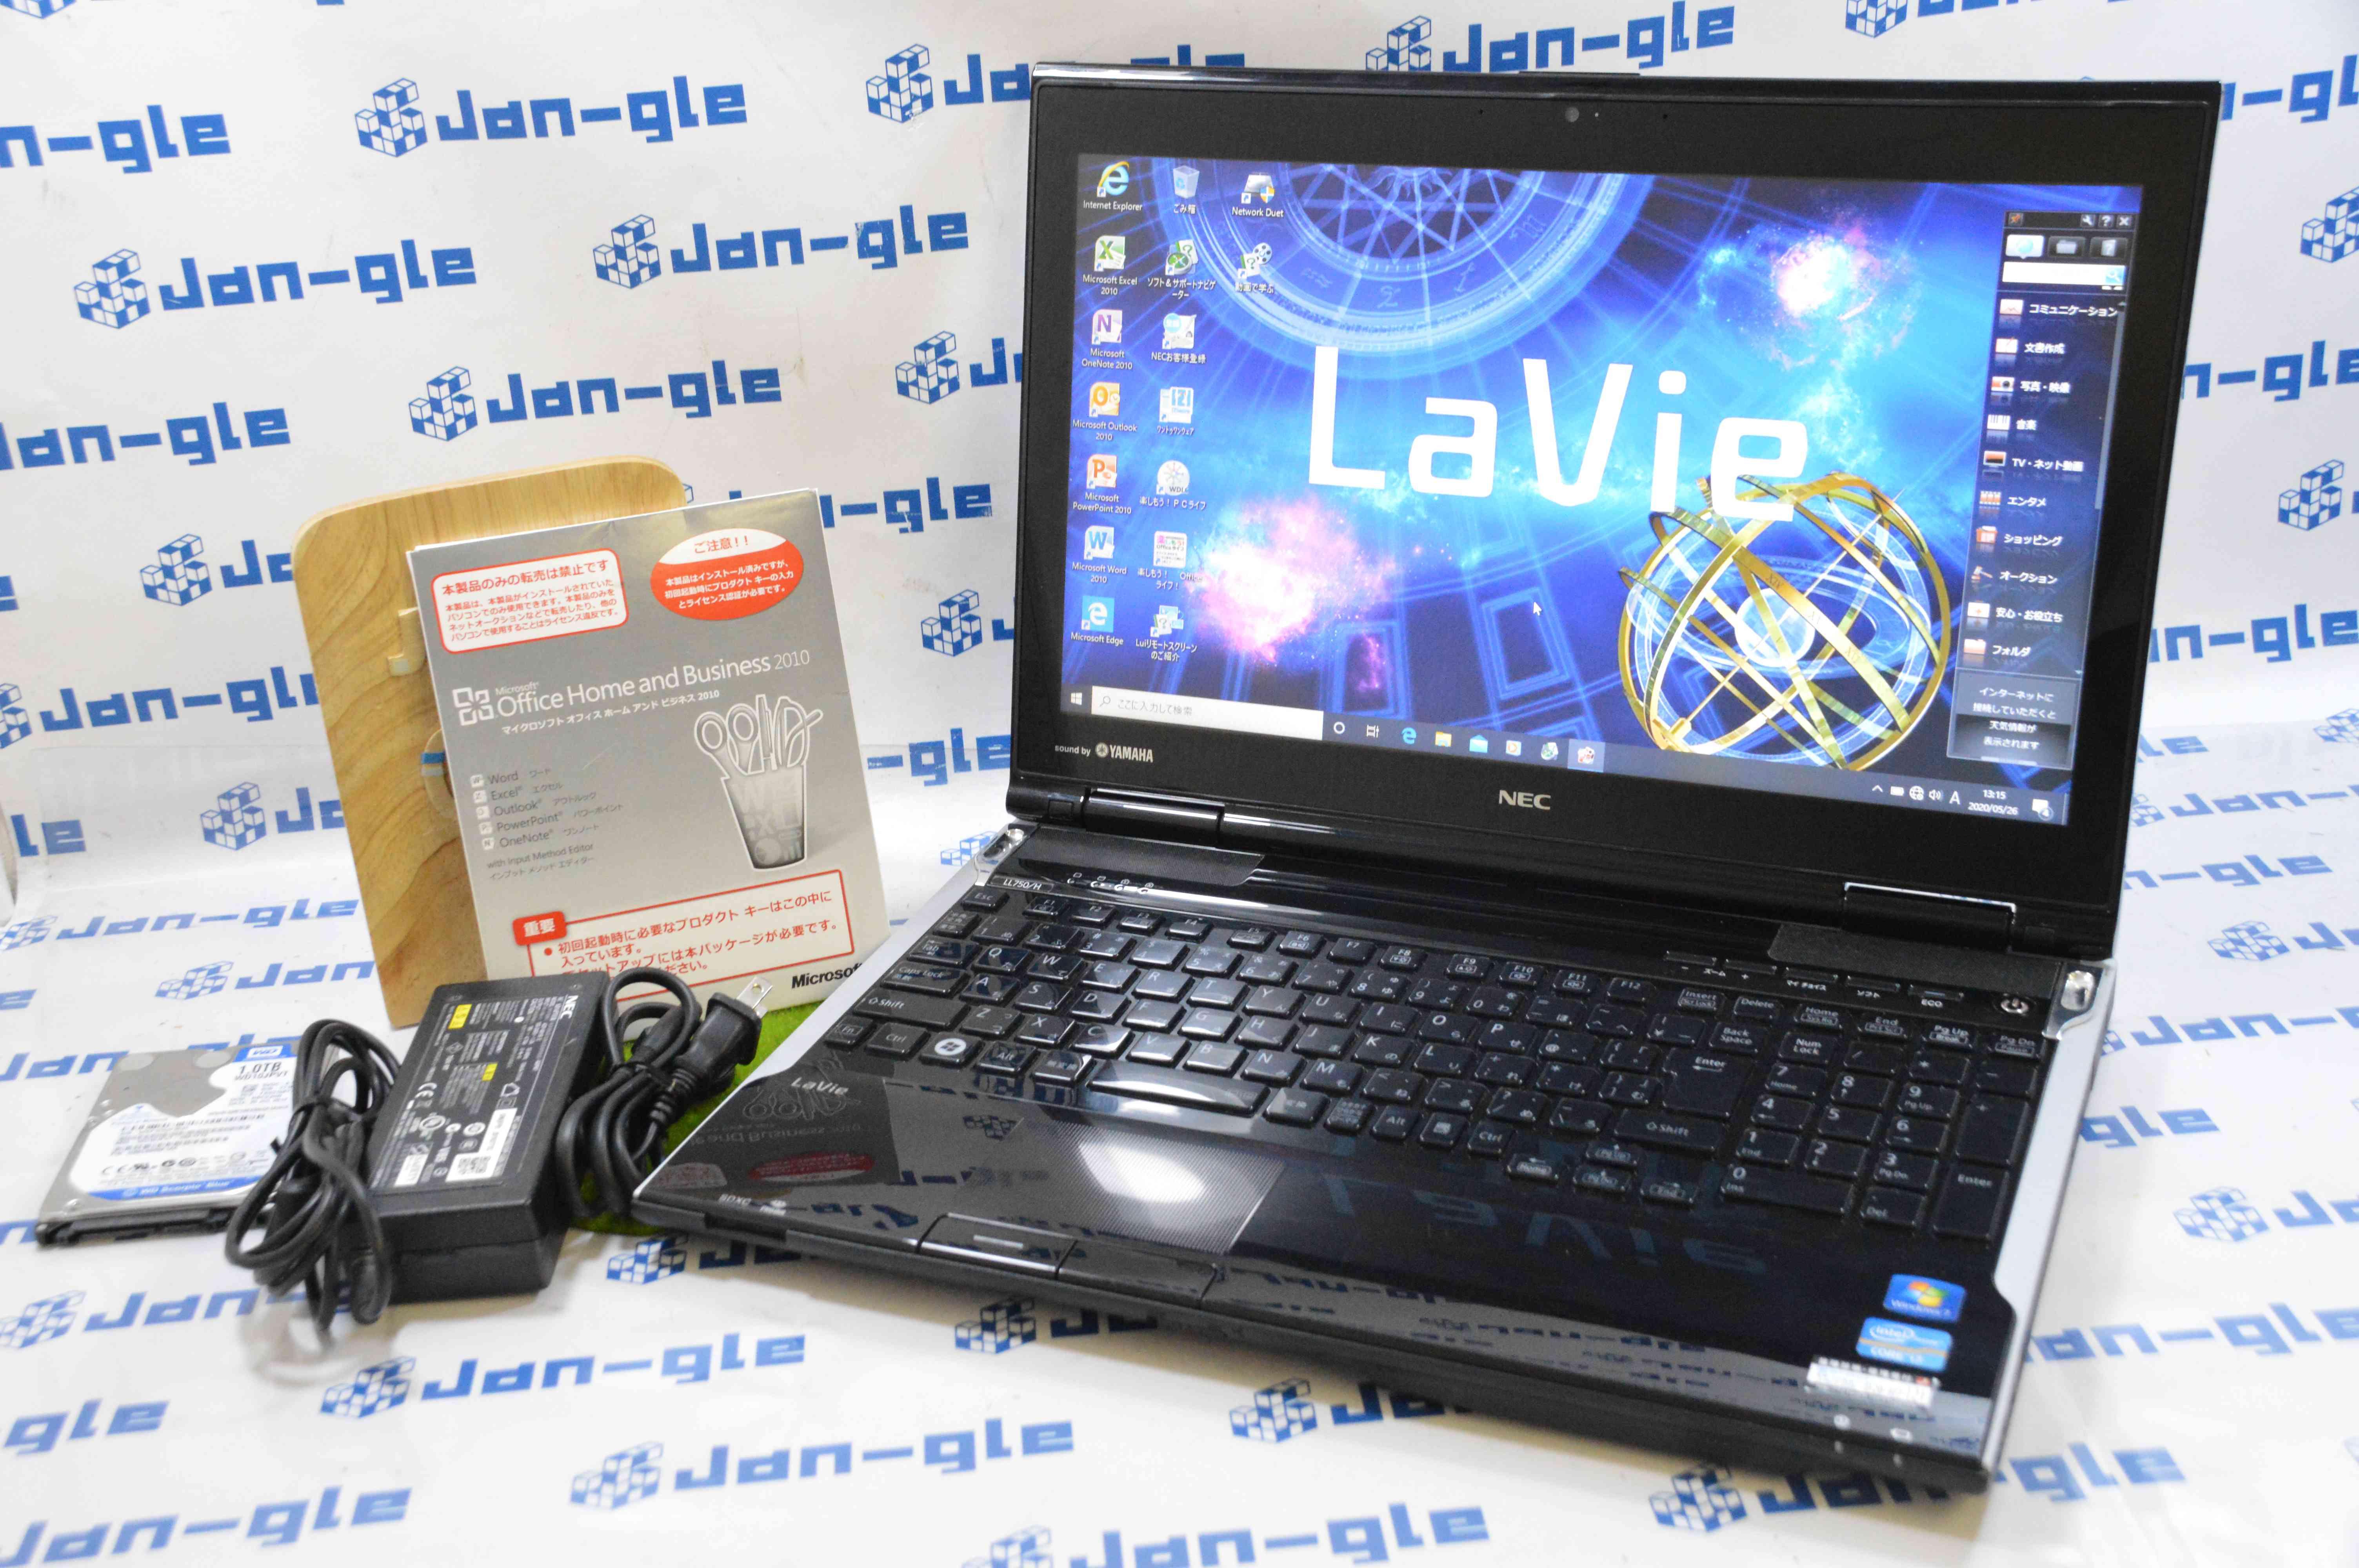 【KS】【中古】ΩNEC LaVie L LL750/HS6B PC-LL750HS6B SSD240ギガバイト換装済み!